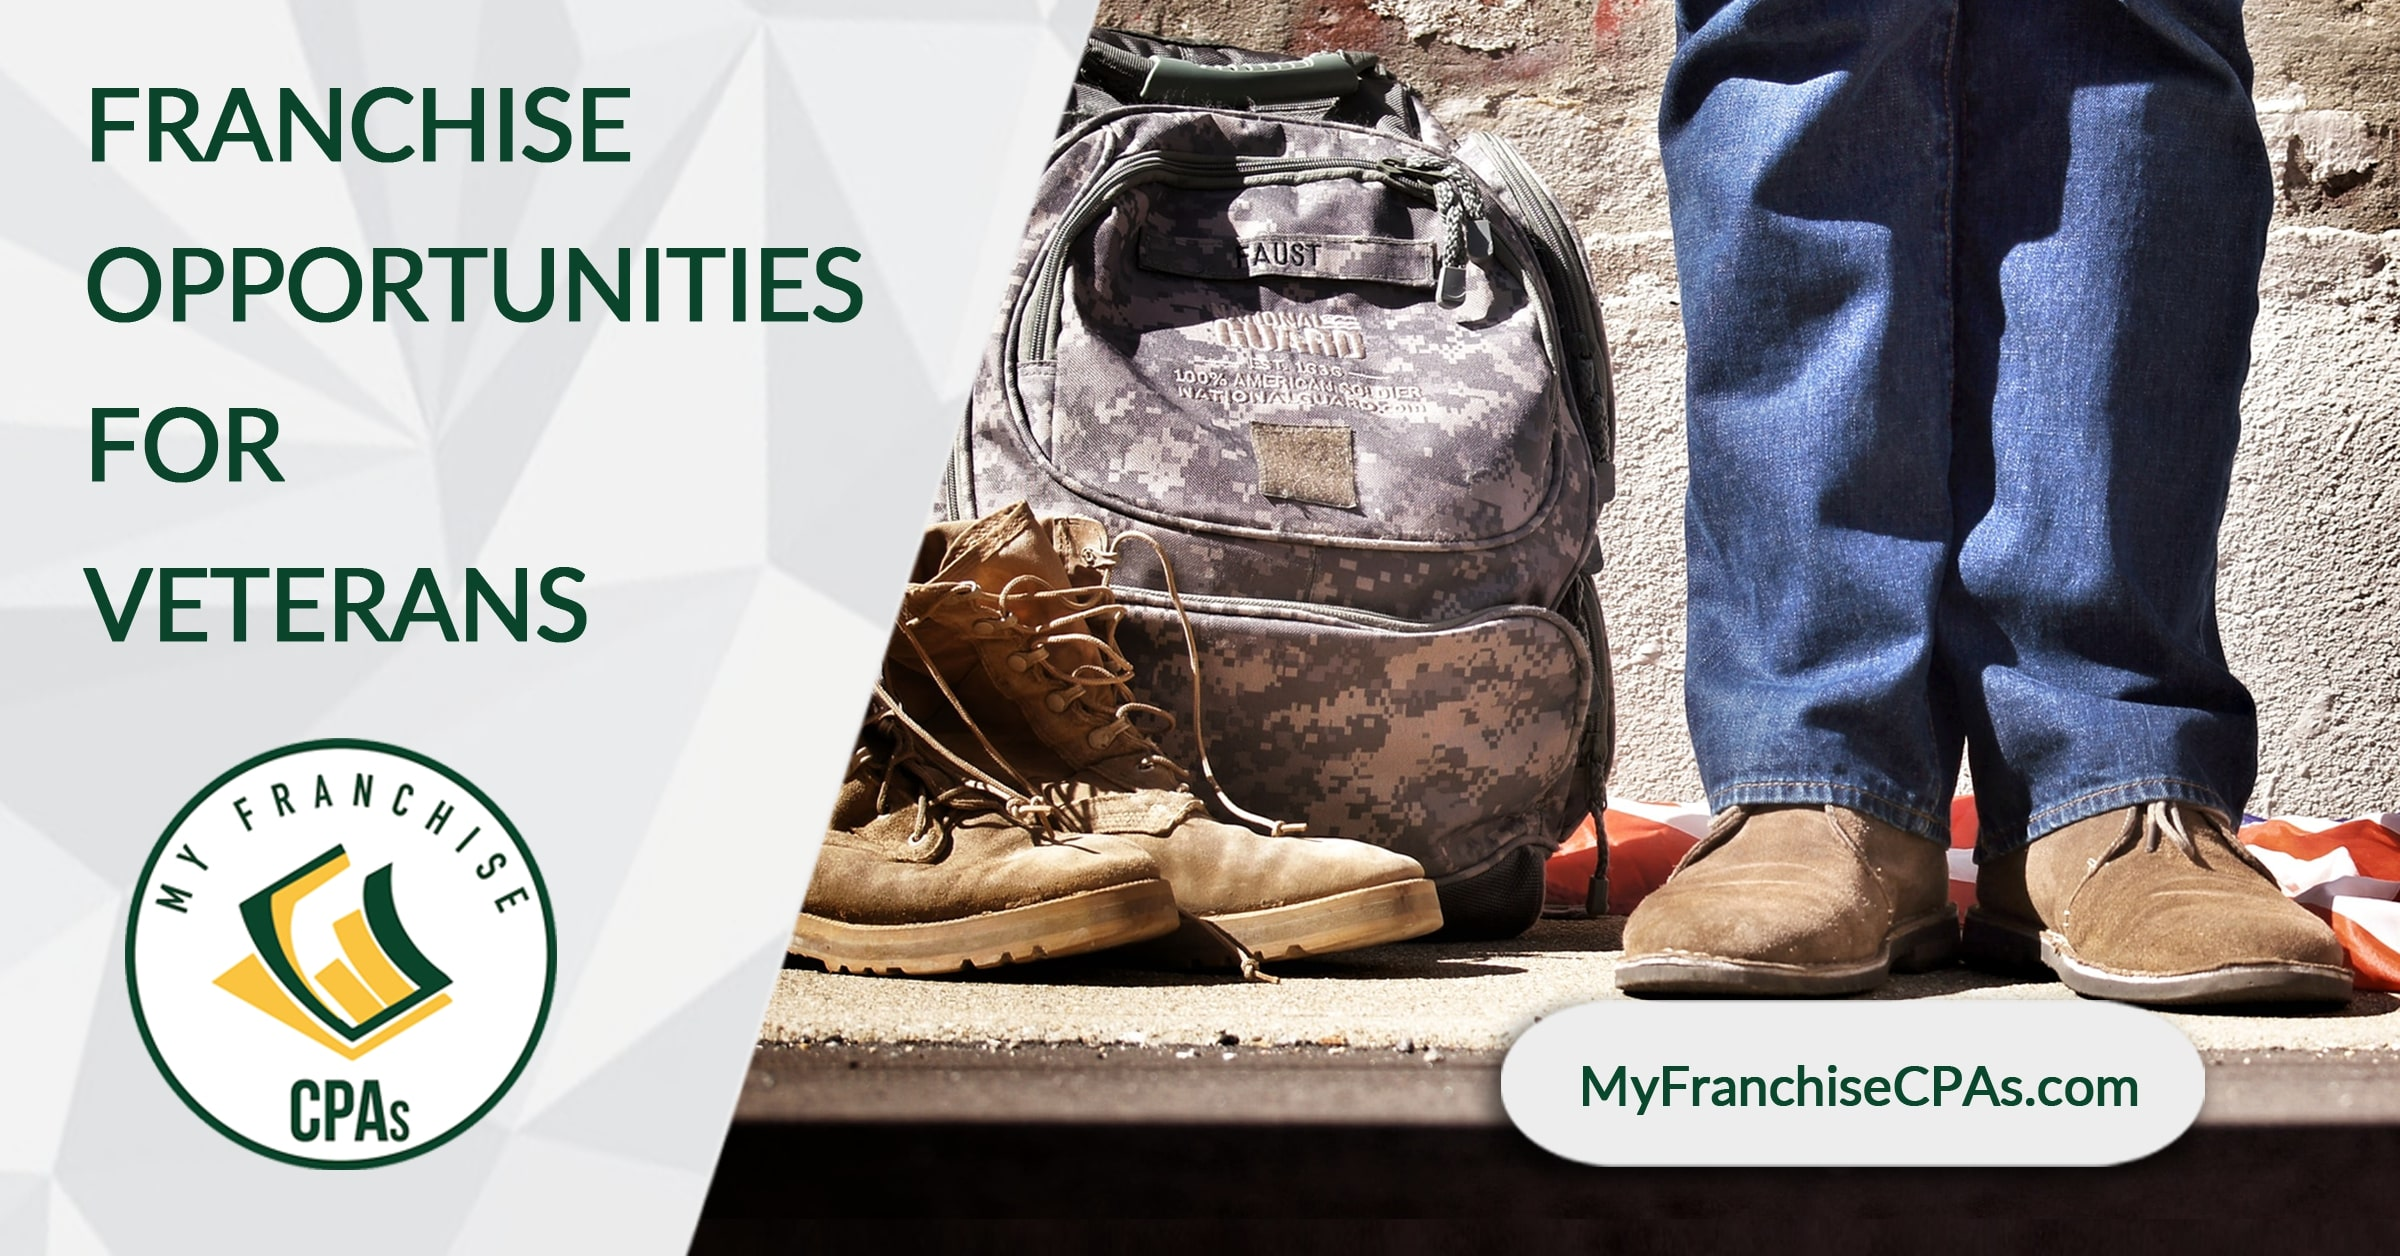 Military Veteran Franchise Opportunities, VBA, Veteran Business Owners